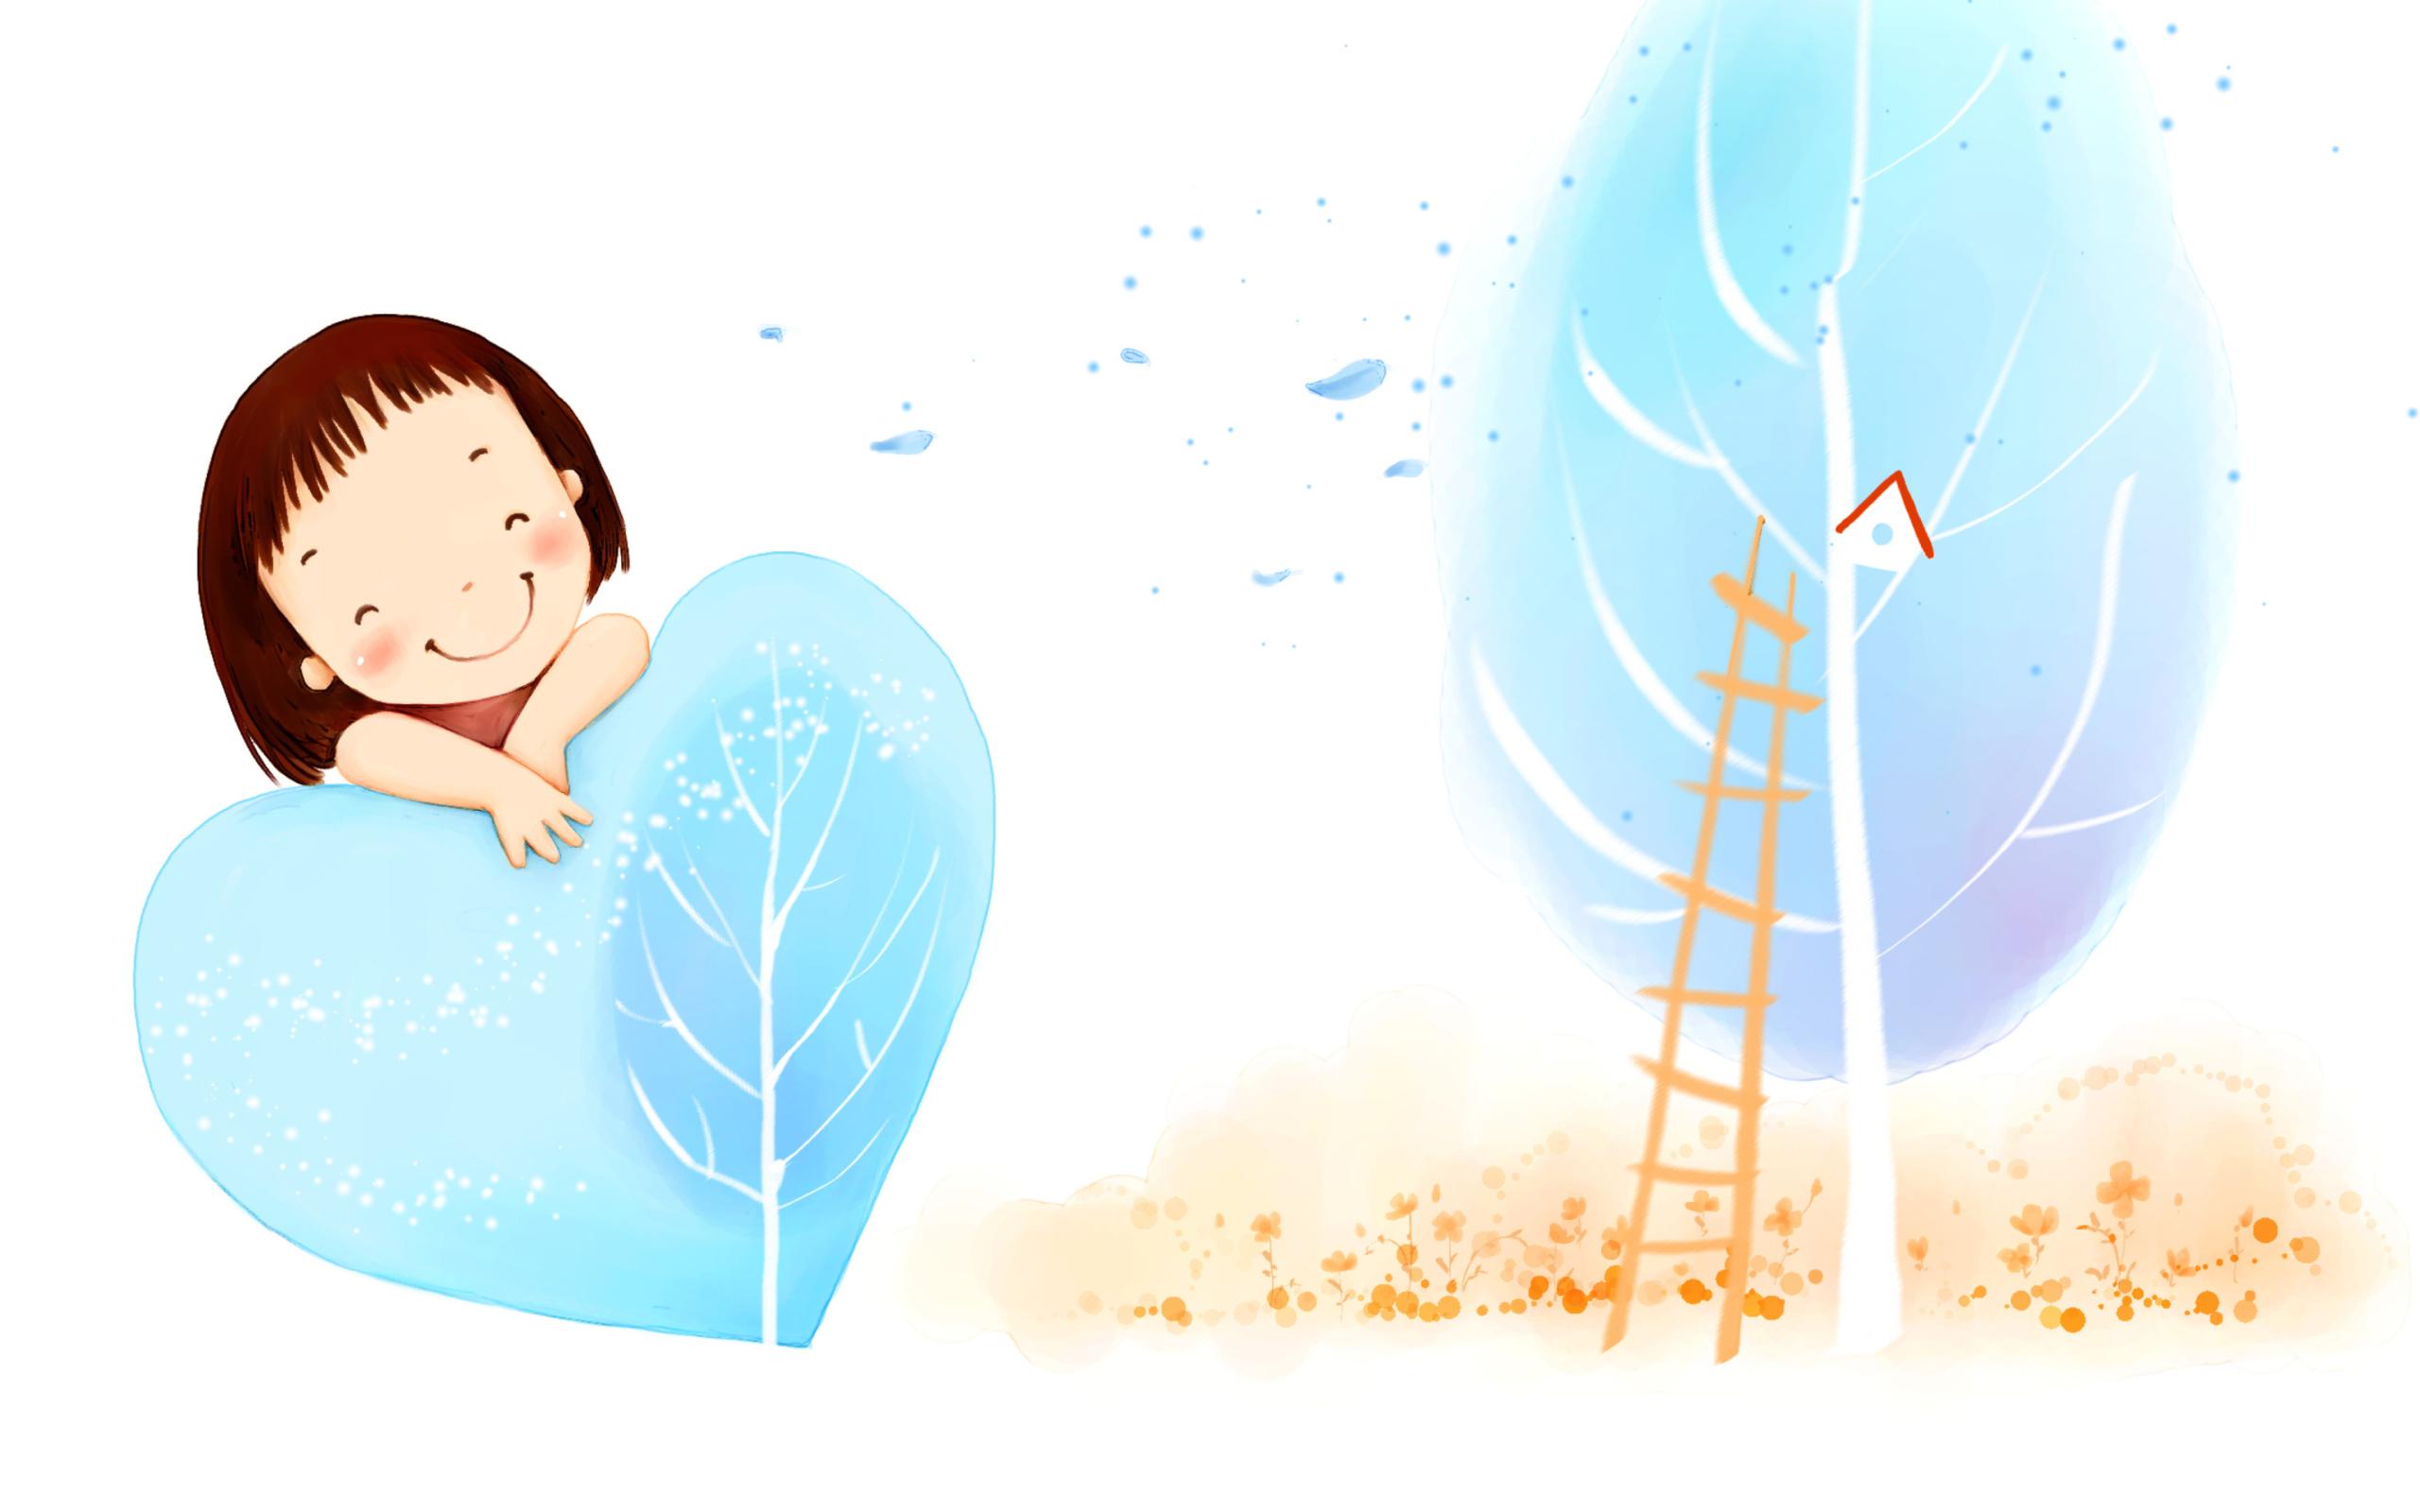 графика рисунок мальчик девочка  № 3349780 бесплатно